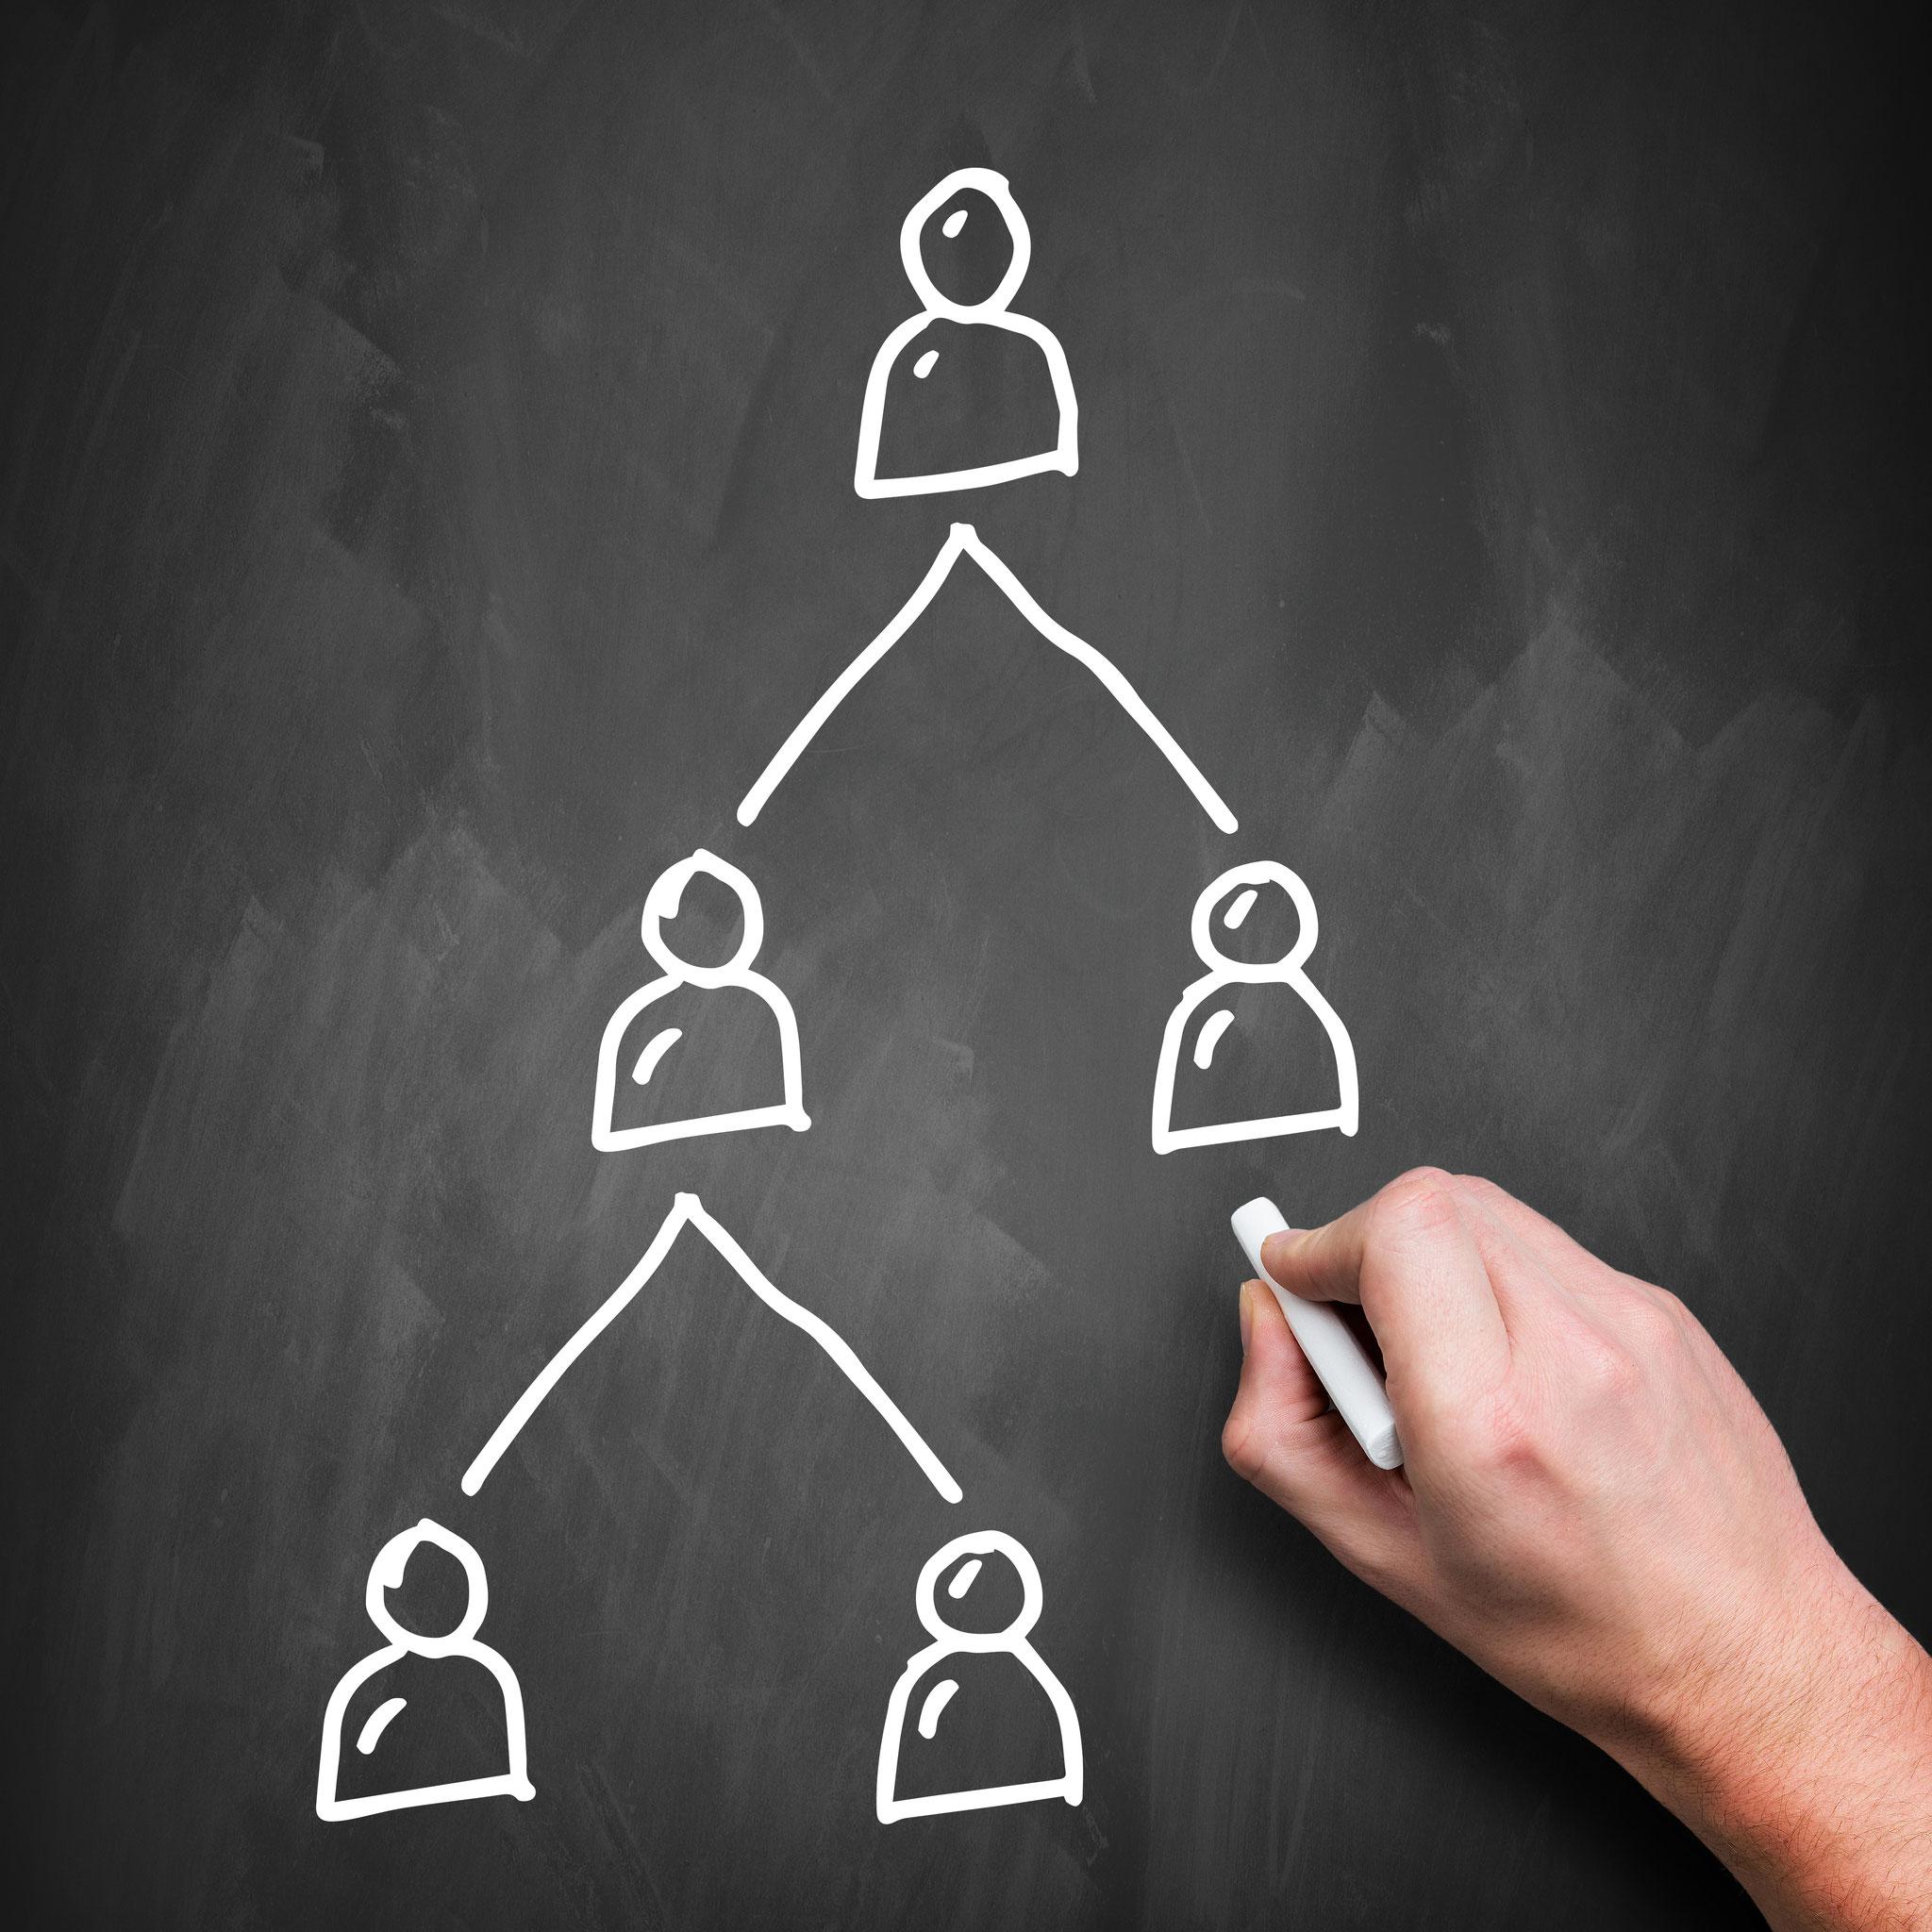 CARSTEN PÄHLKE für Unternehmen - Kleineren und mittleren Unternehmungen und Handwerksbetrieben bieten wir besondere Modelle der Personalvermittlung an